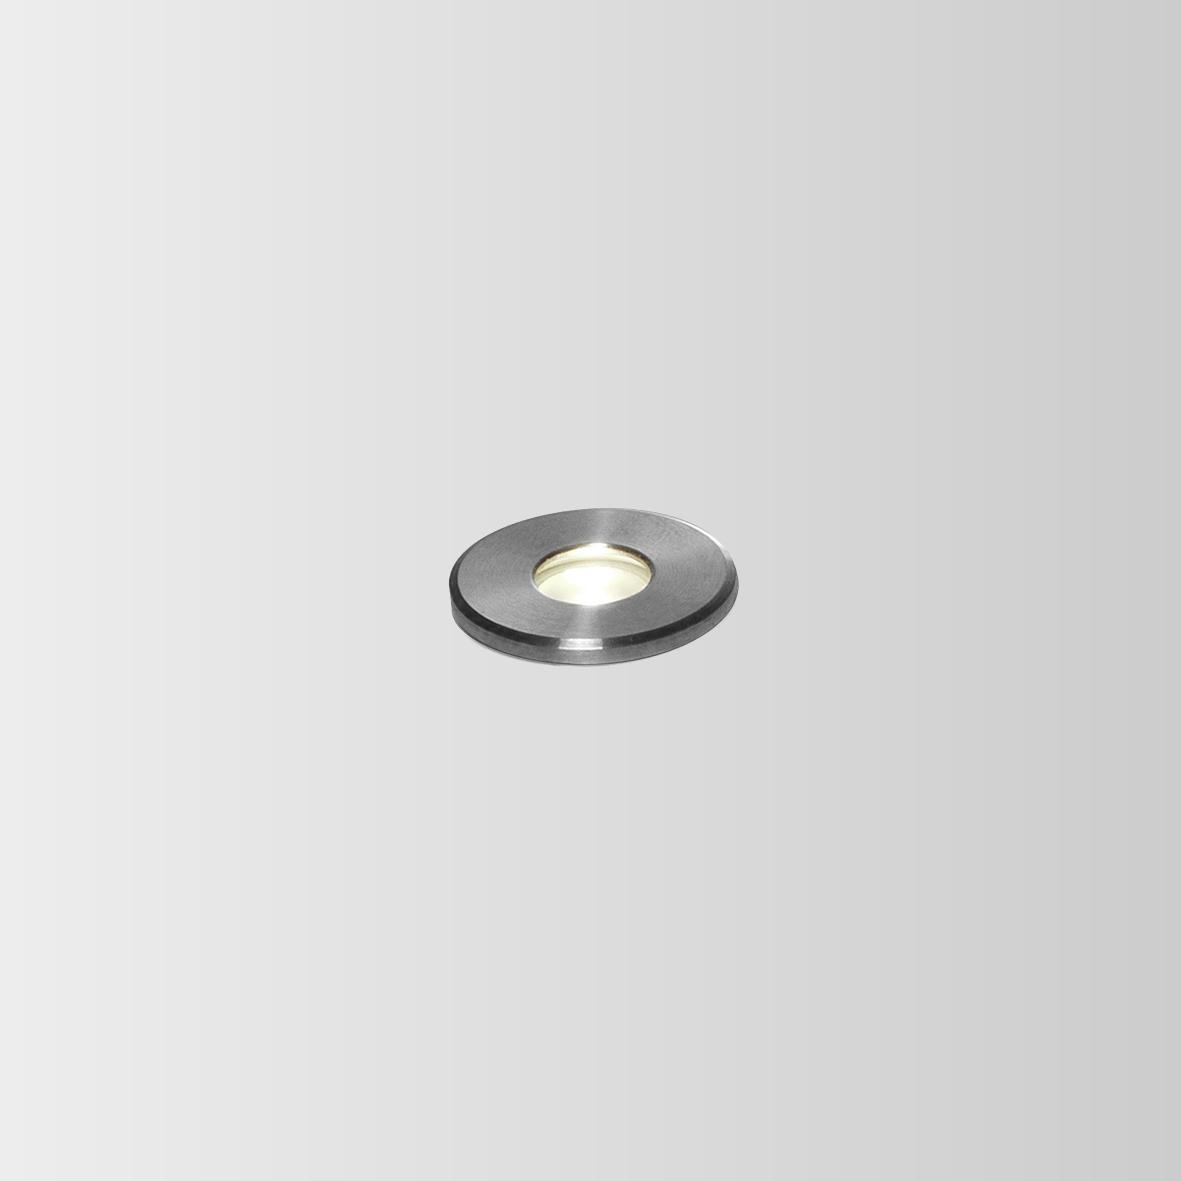 CARD 0.1 LED 3000K INOX 1W 80CRI 350mA, välisvalgusti süvistatud pinnasesse